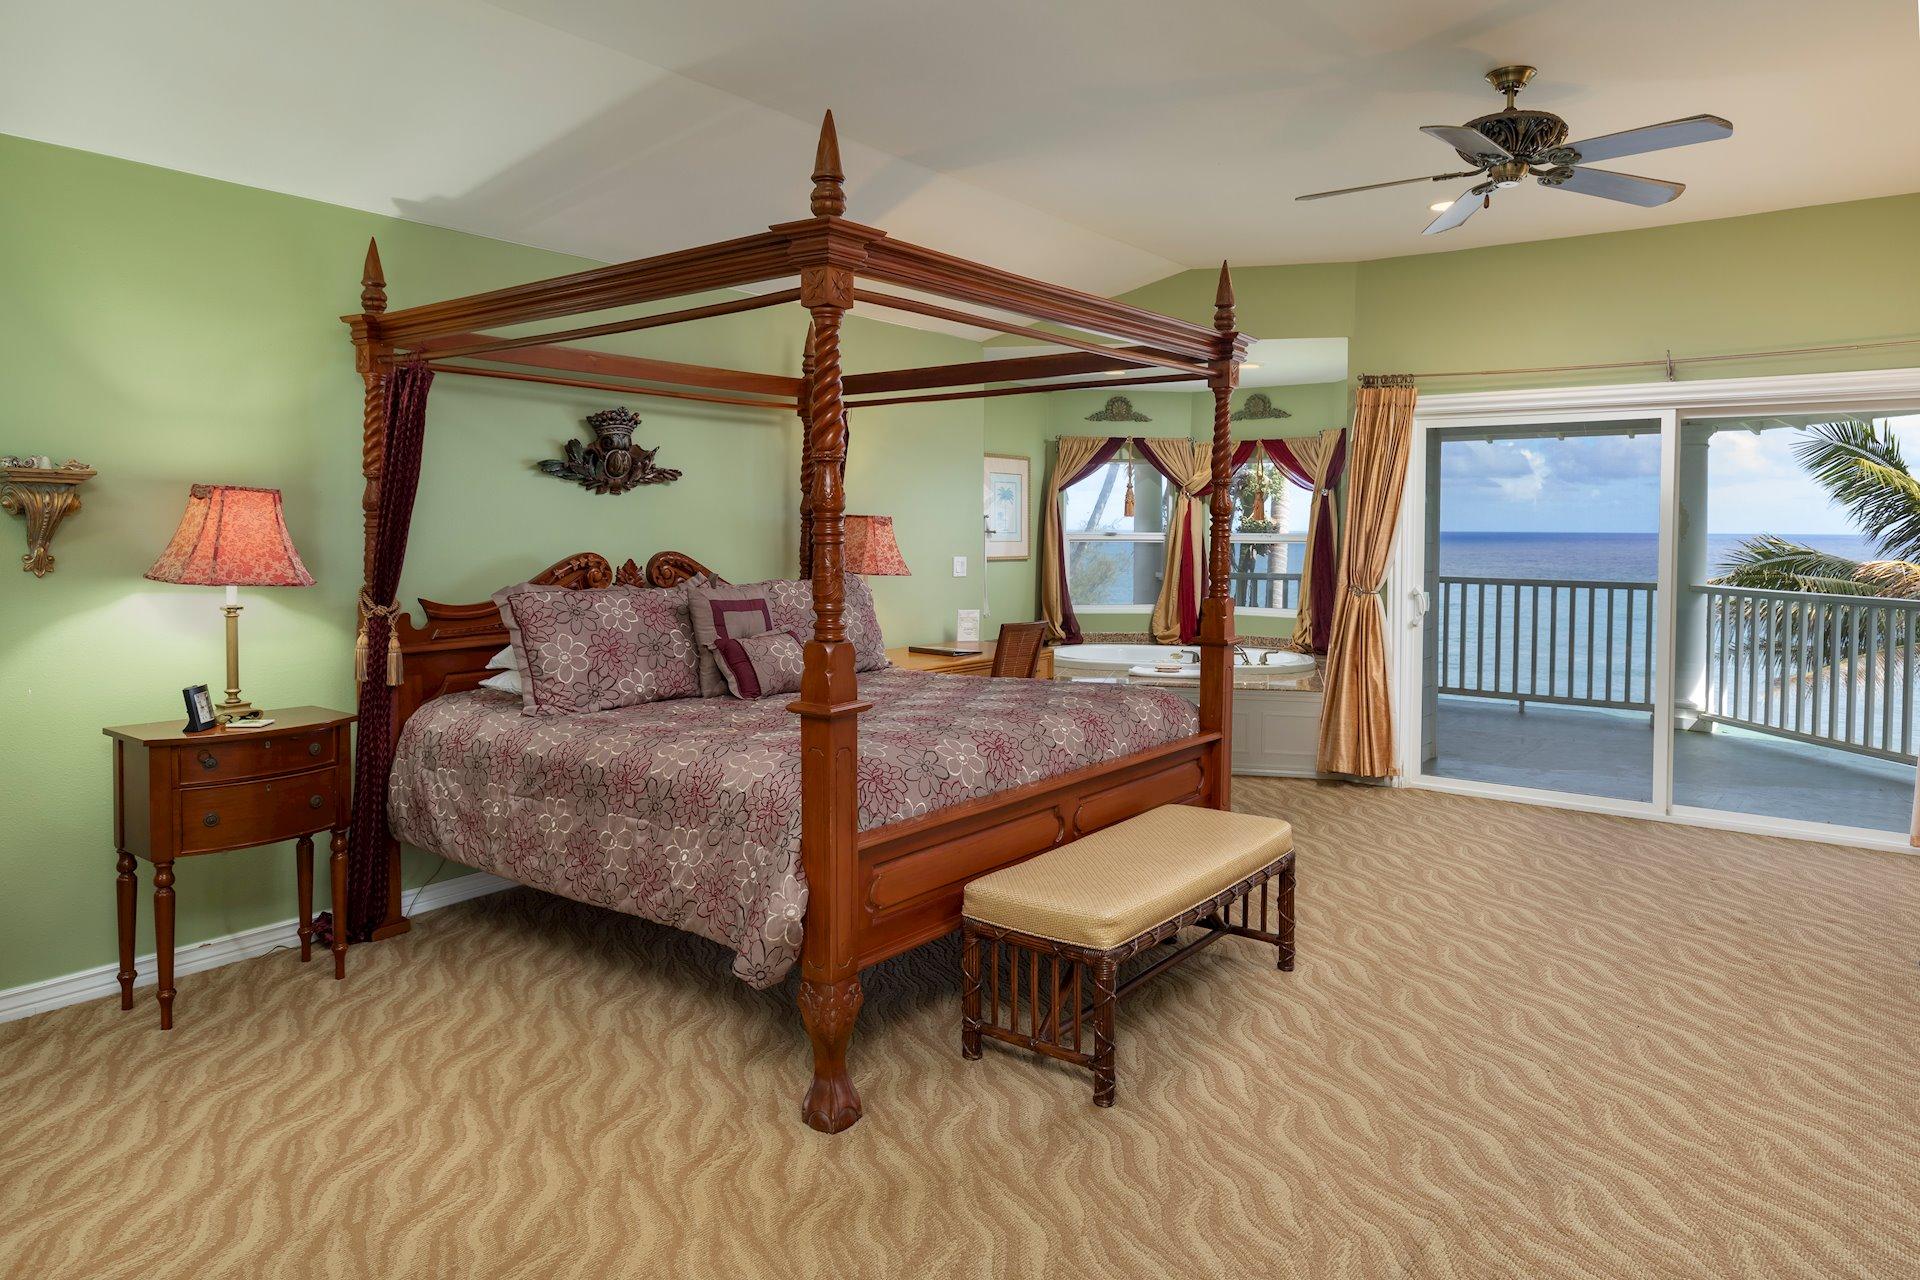 Ten of the 12 bedrooms face the ocean...